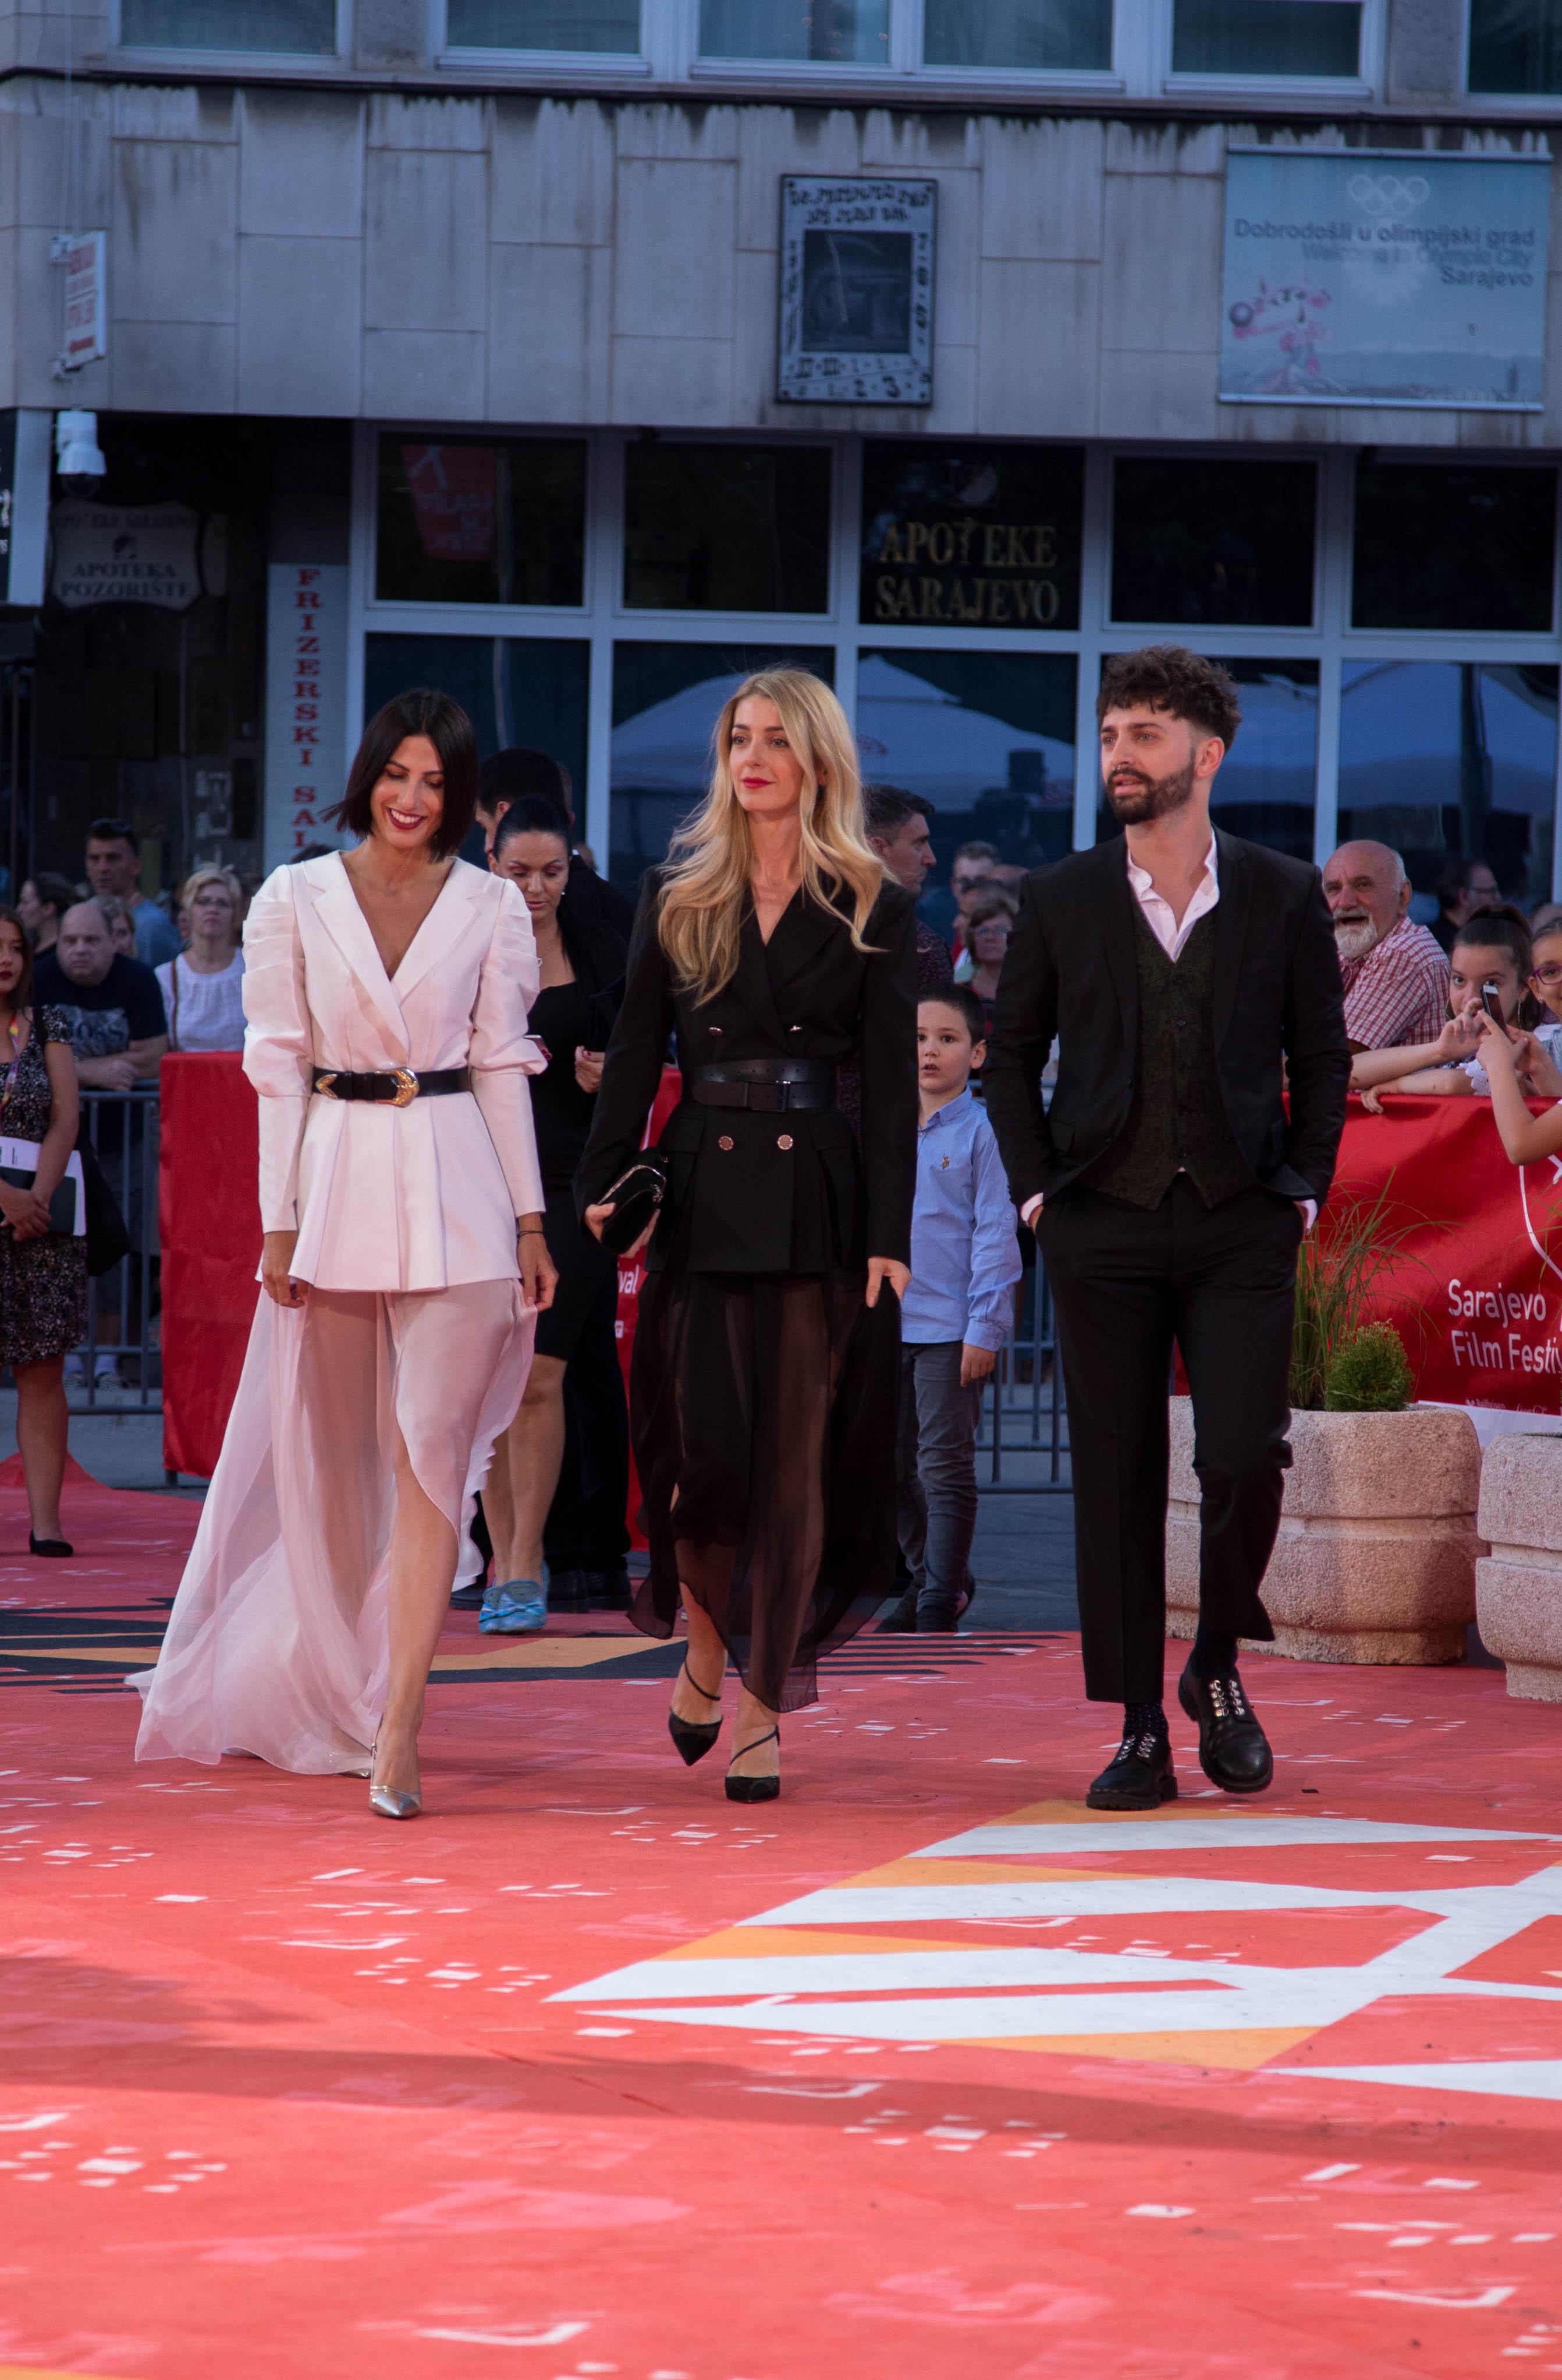 cetvrta noc sarajevo film festival senka catic (13)